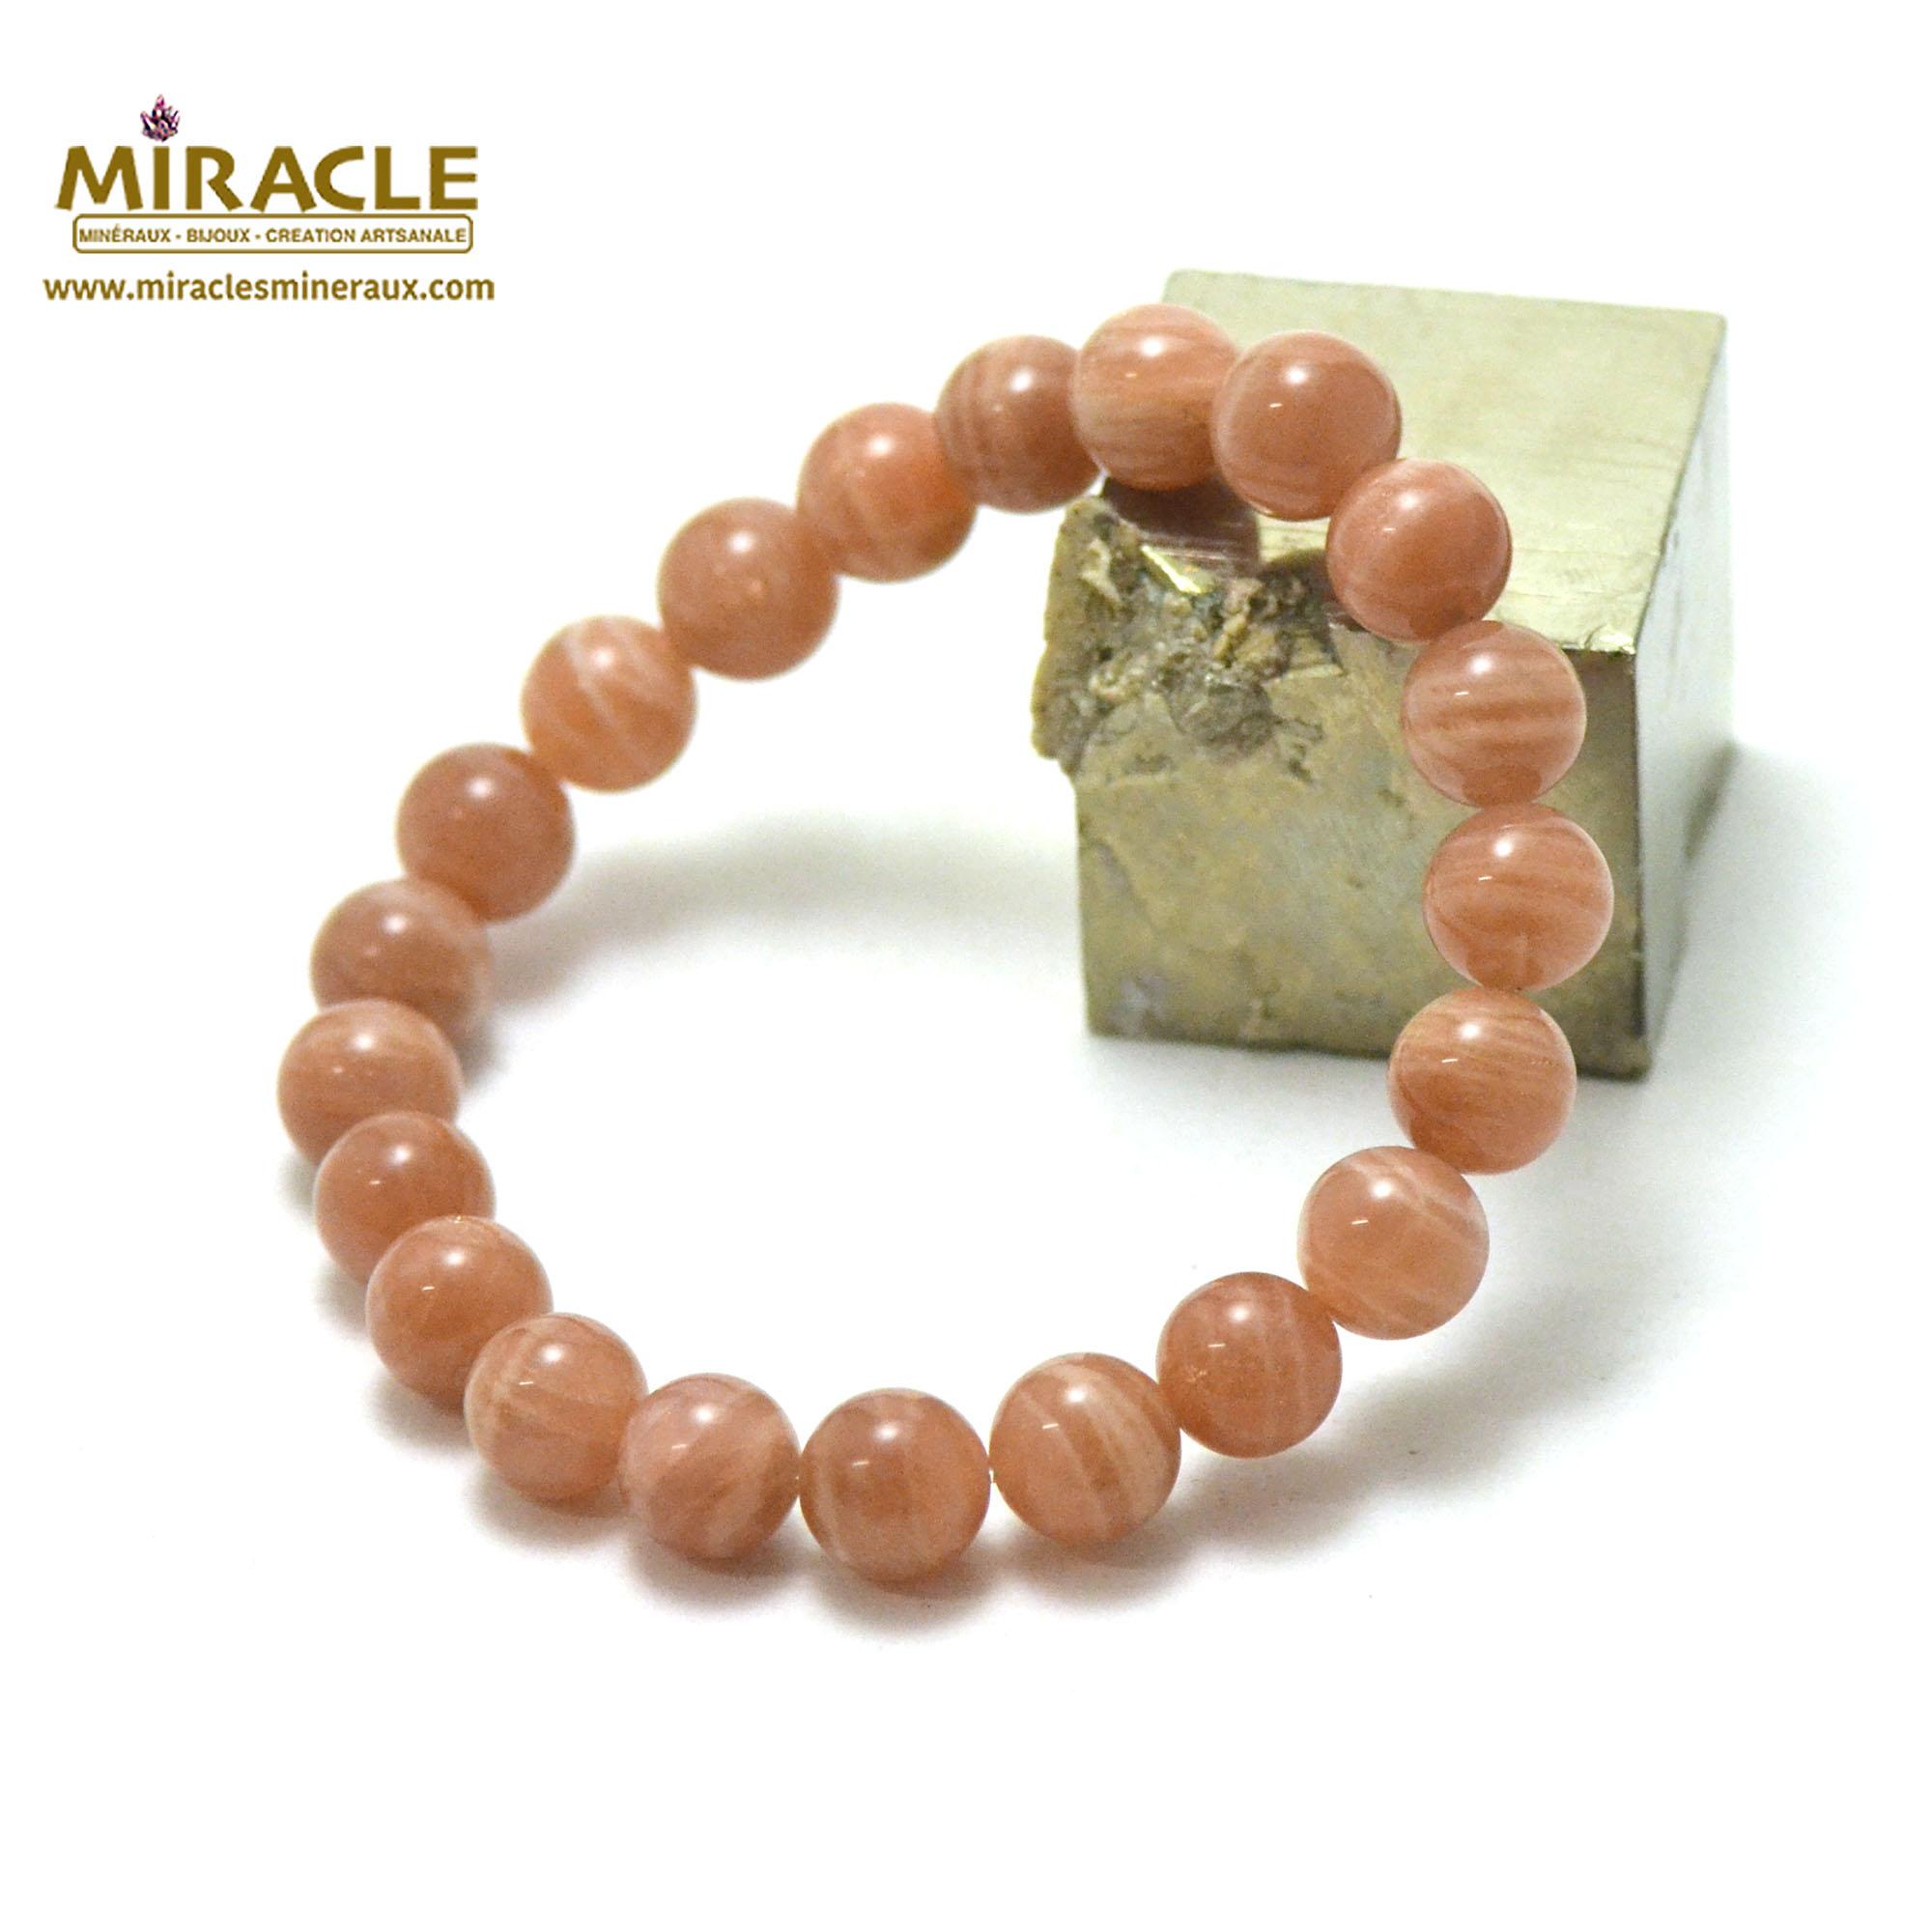 Bracelet pierre de soleil ronde 9-10 mm